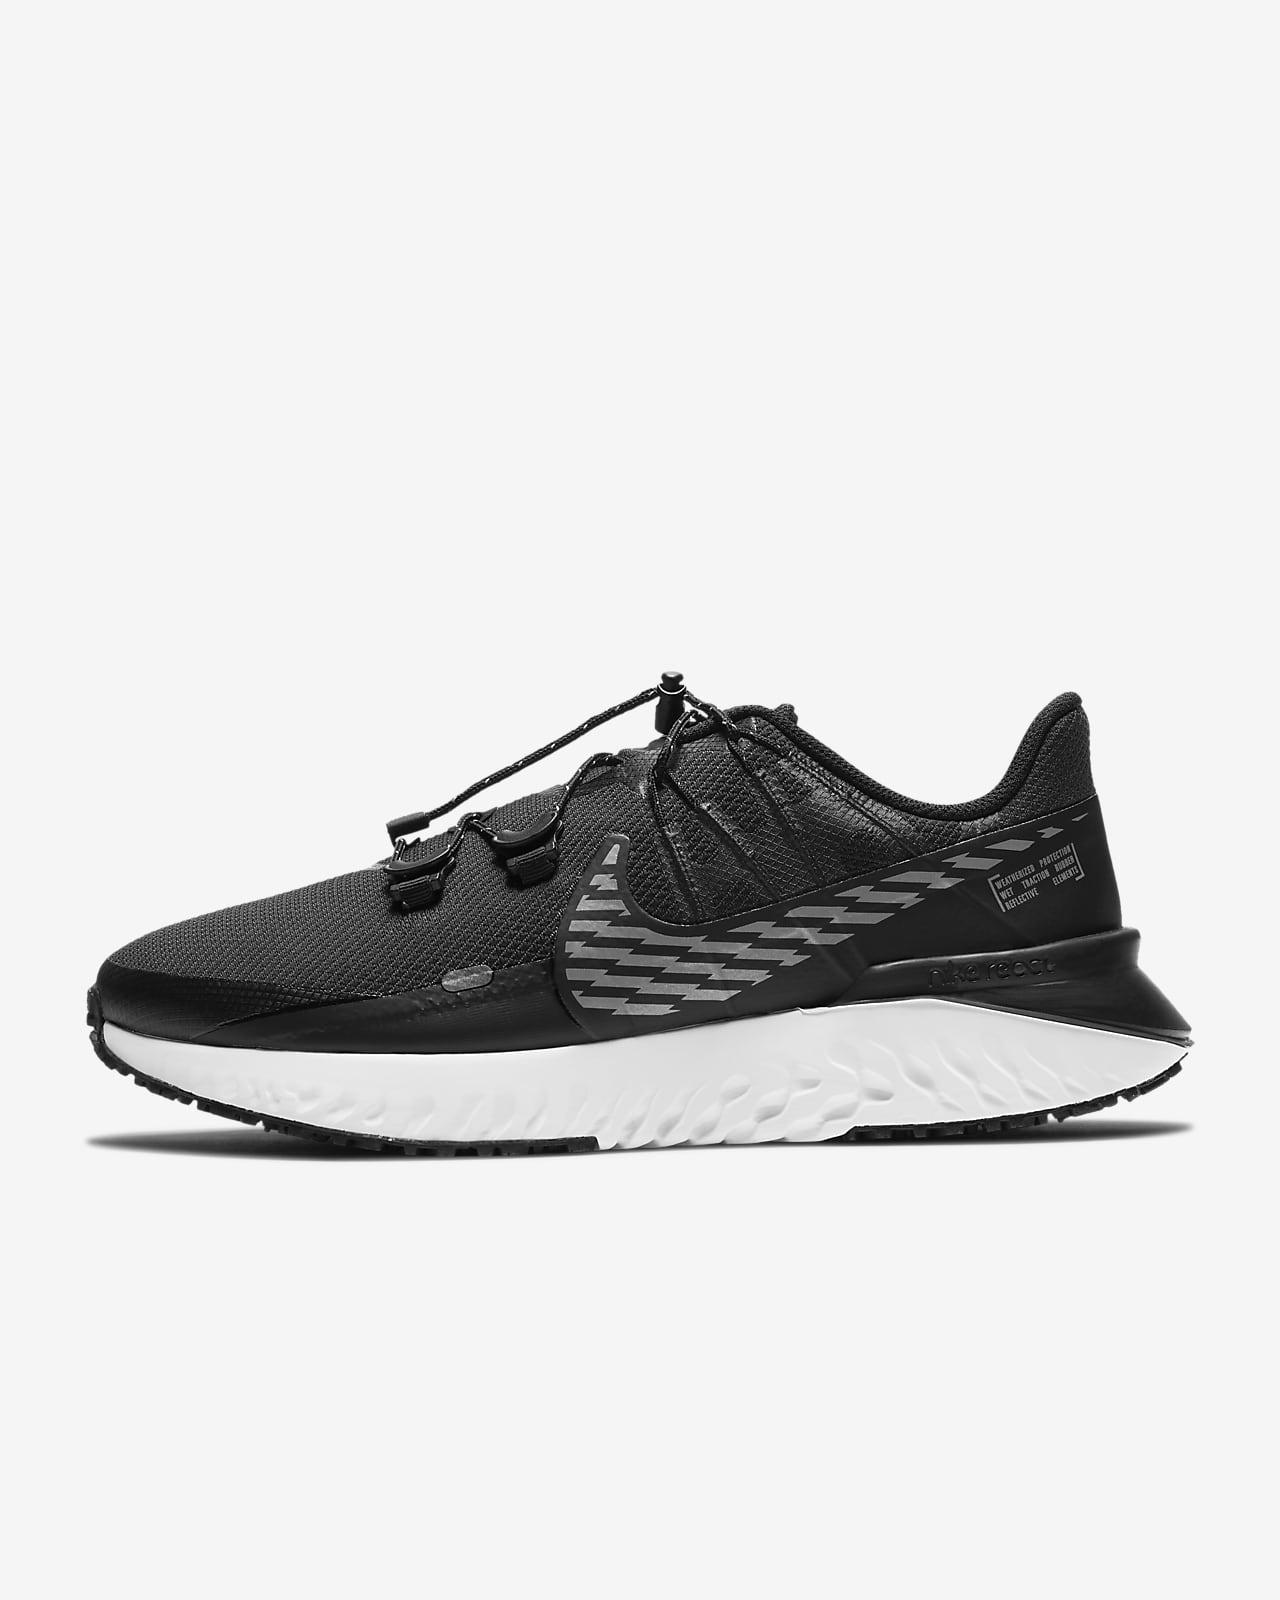 Calzado de running para mujer Nike Legend React 3 Shield